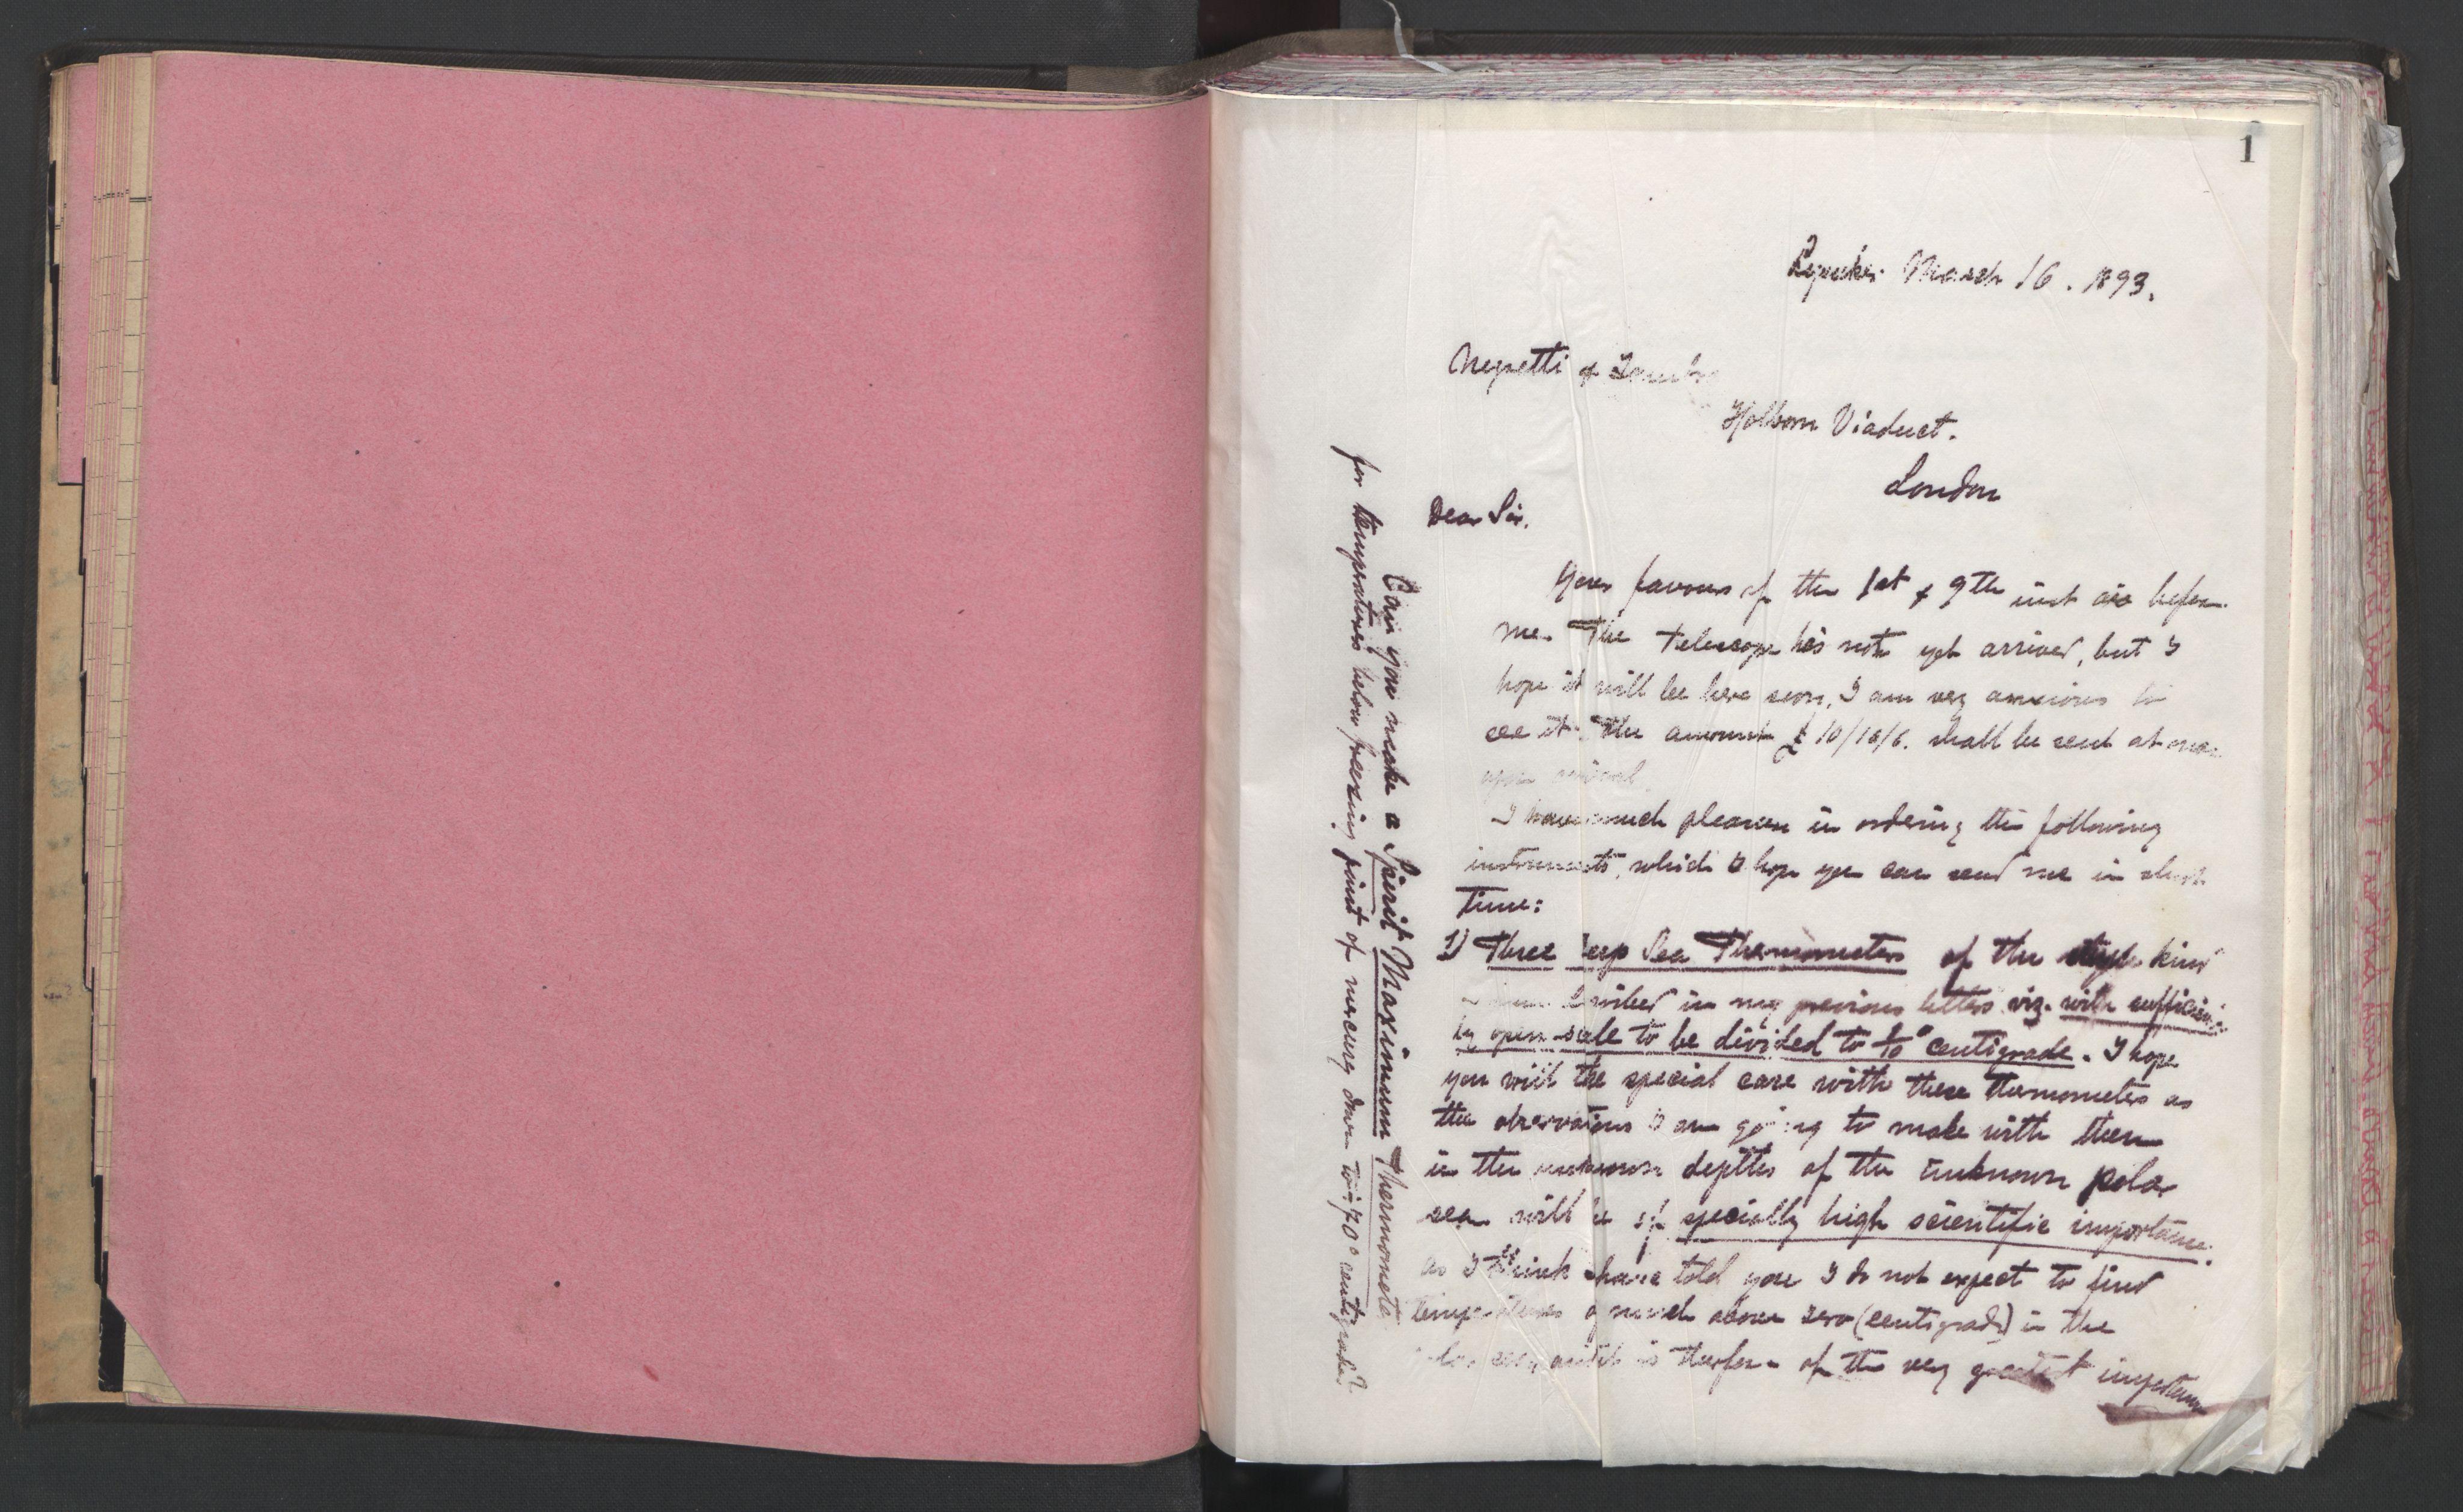 RA, Arbeidskomitéen for Fridtjof Nansens polarekspedisjon, D/L0002: 2 kopibøker - Forberedelser og utrustning, 1893, s. 1